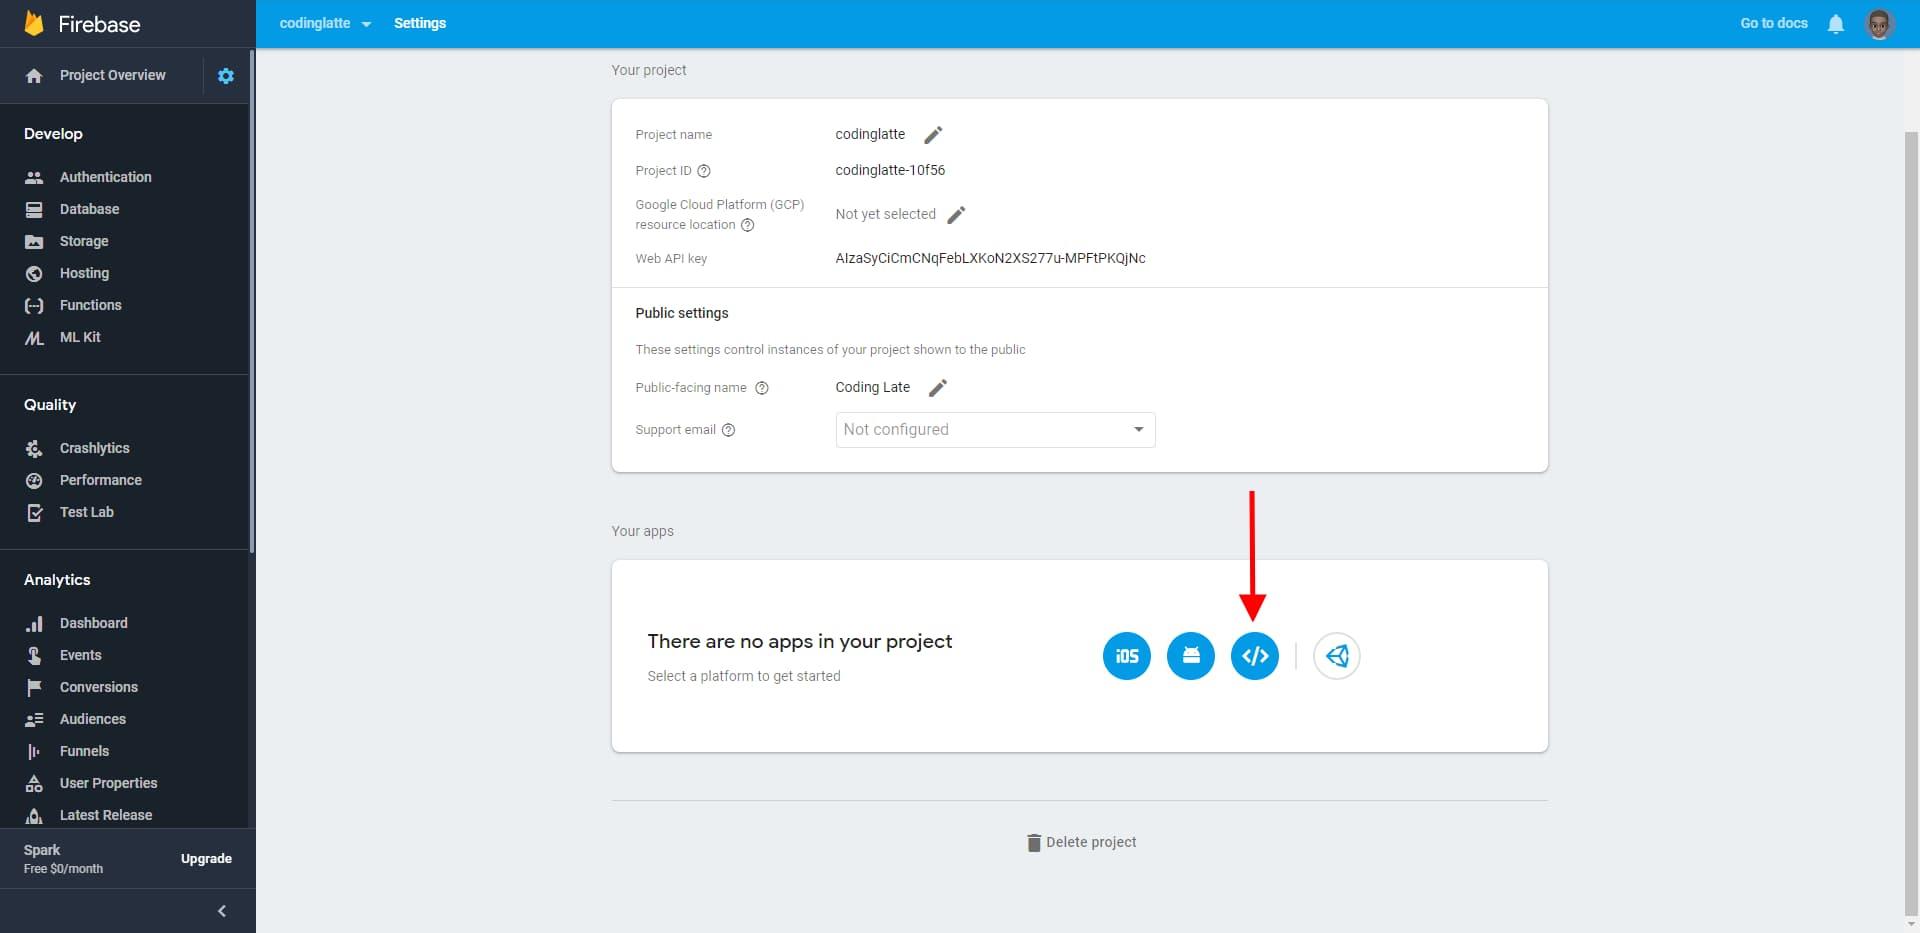 Hot to Setup Firebase for Angular